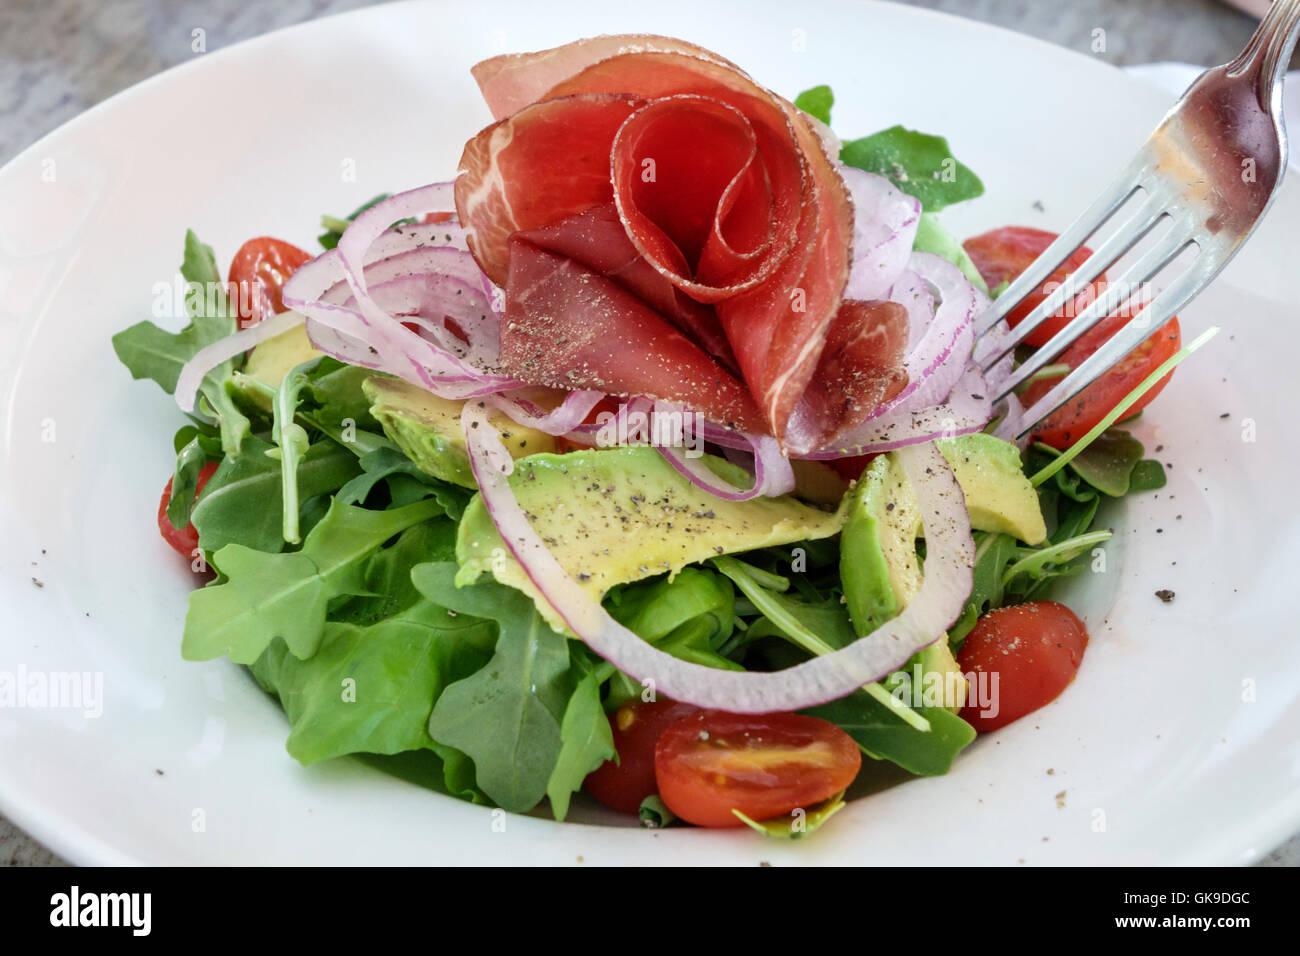 Sarasota Florida Downtown bar Epicure business cibo italiano trattoria piastra alimentare insalata di avocado rucola Immagini Stock